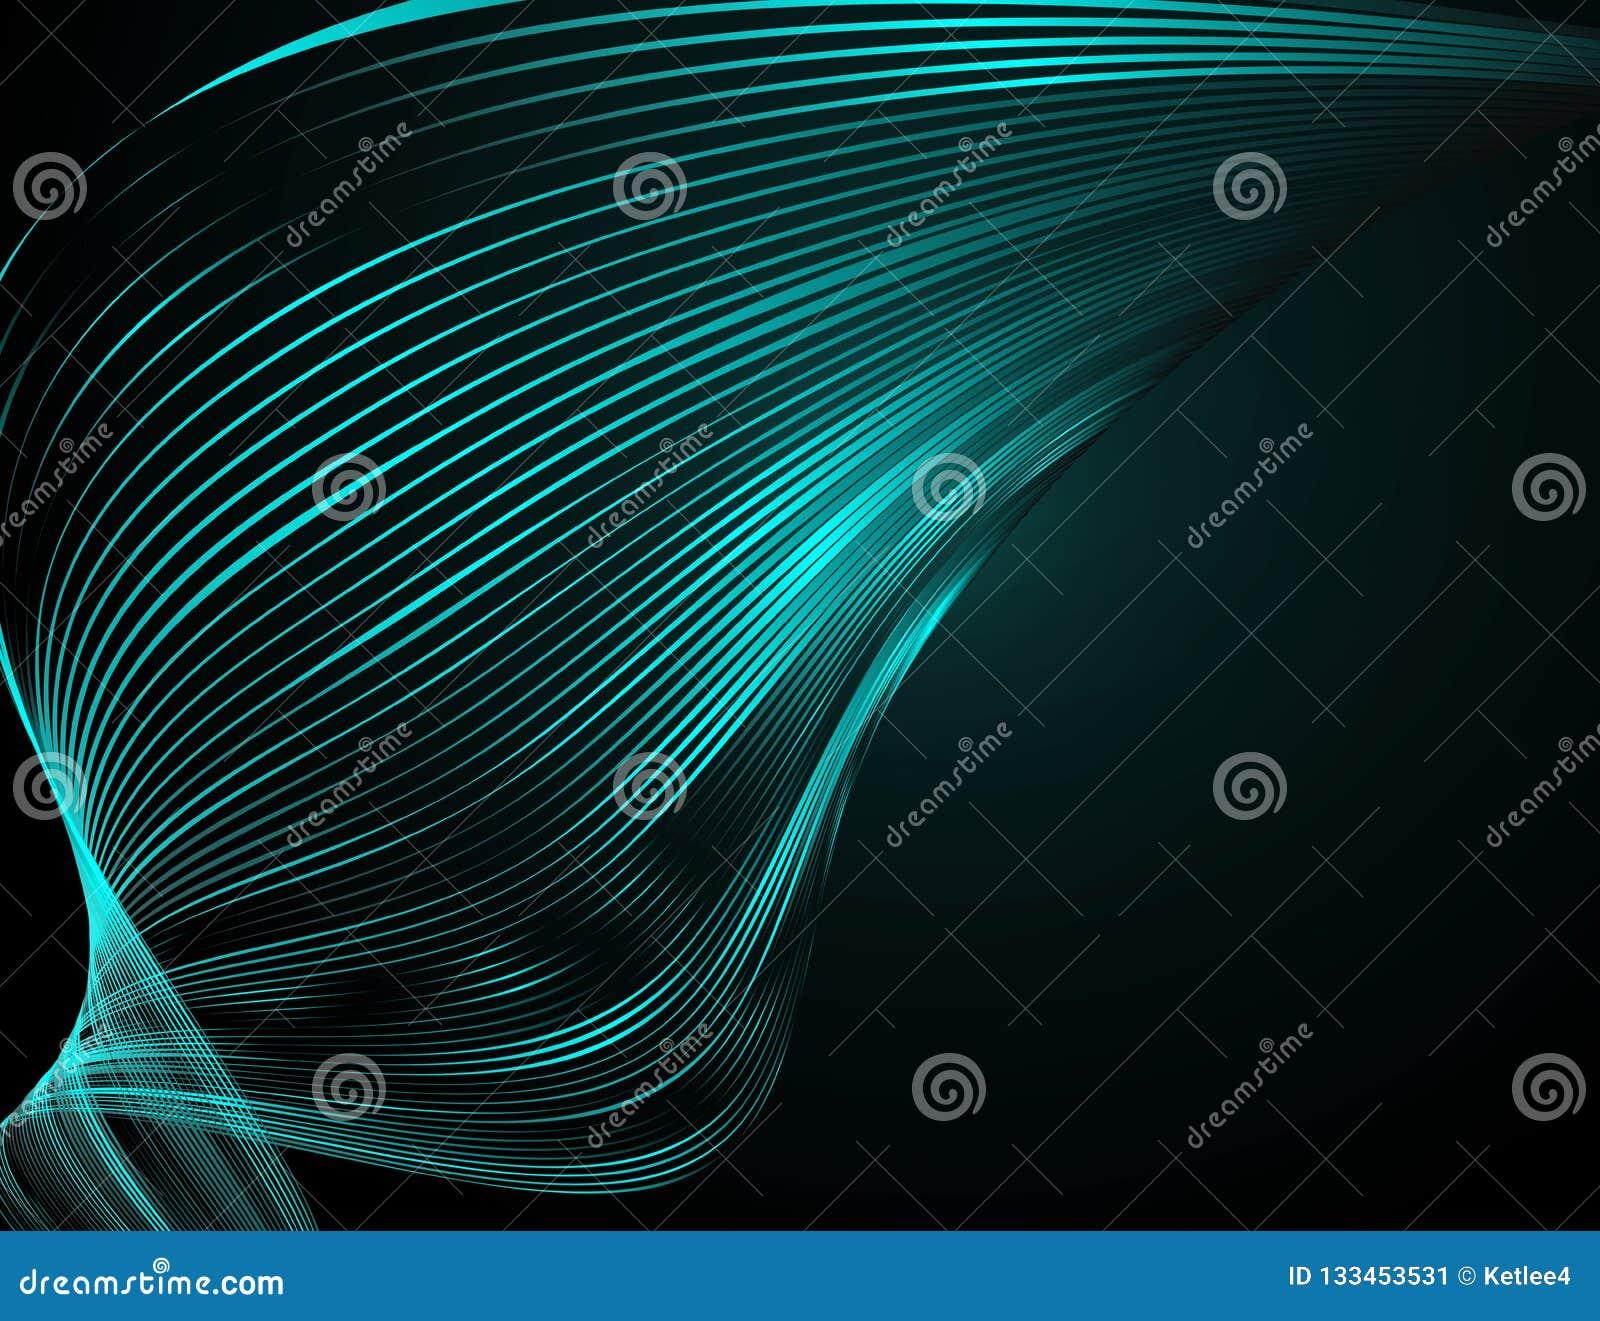 Linhas onduladas brilhantes do sumário em um escuro - projeto futurista da ilustração da tecnologia do fundo azul o teste padrão